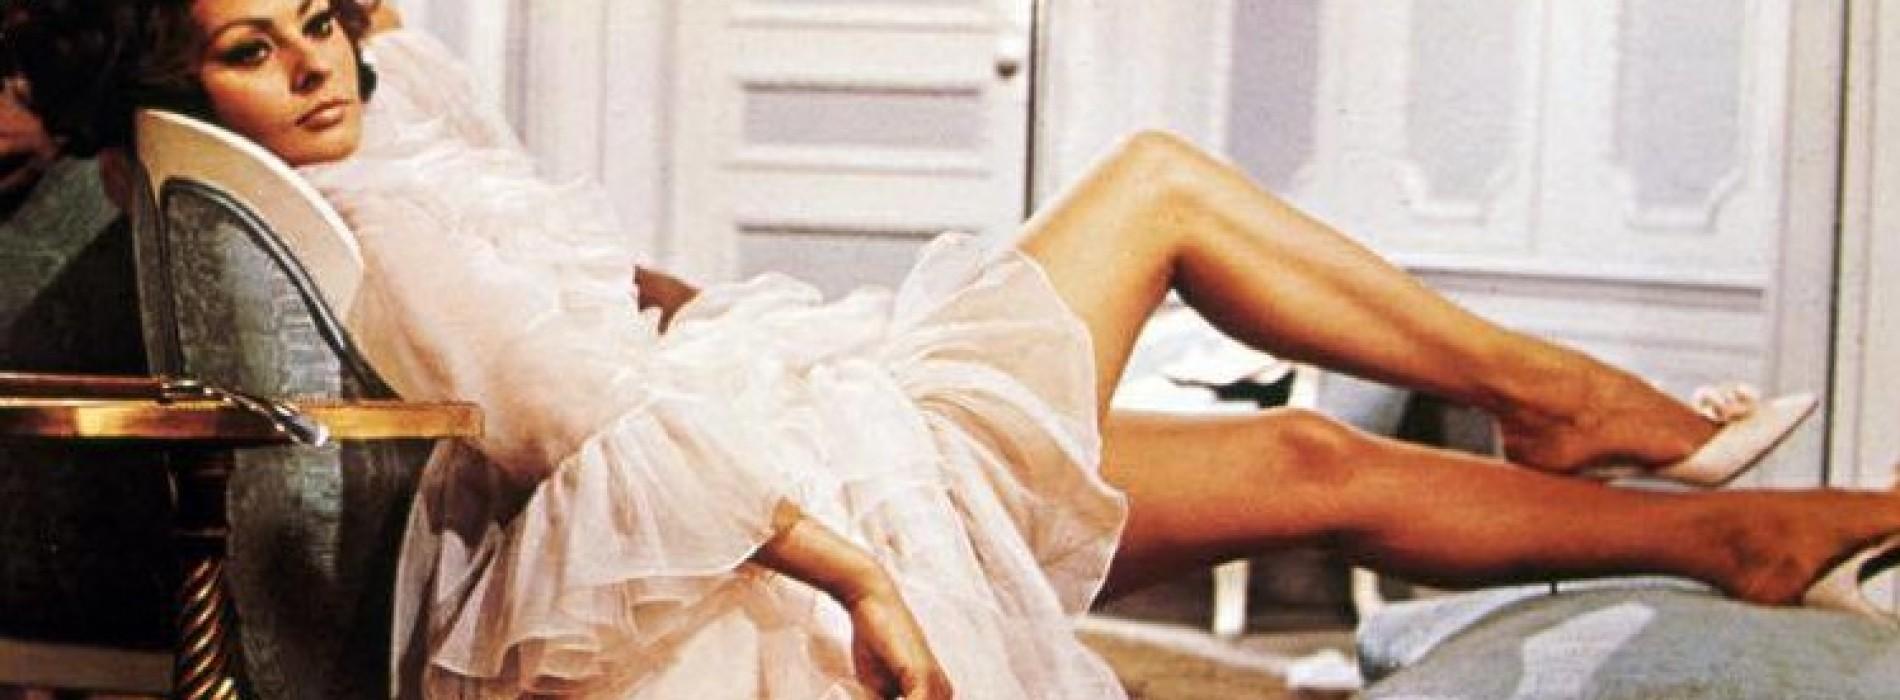 10 buoni motivi per sposare una donna napoletana